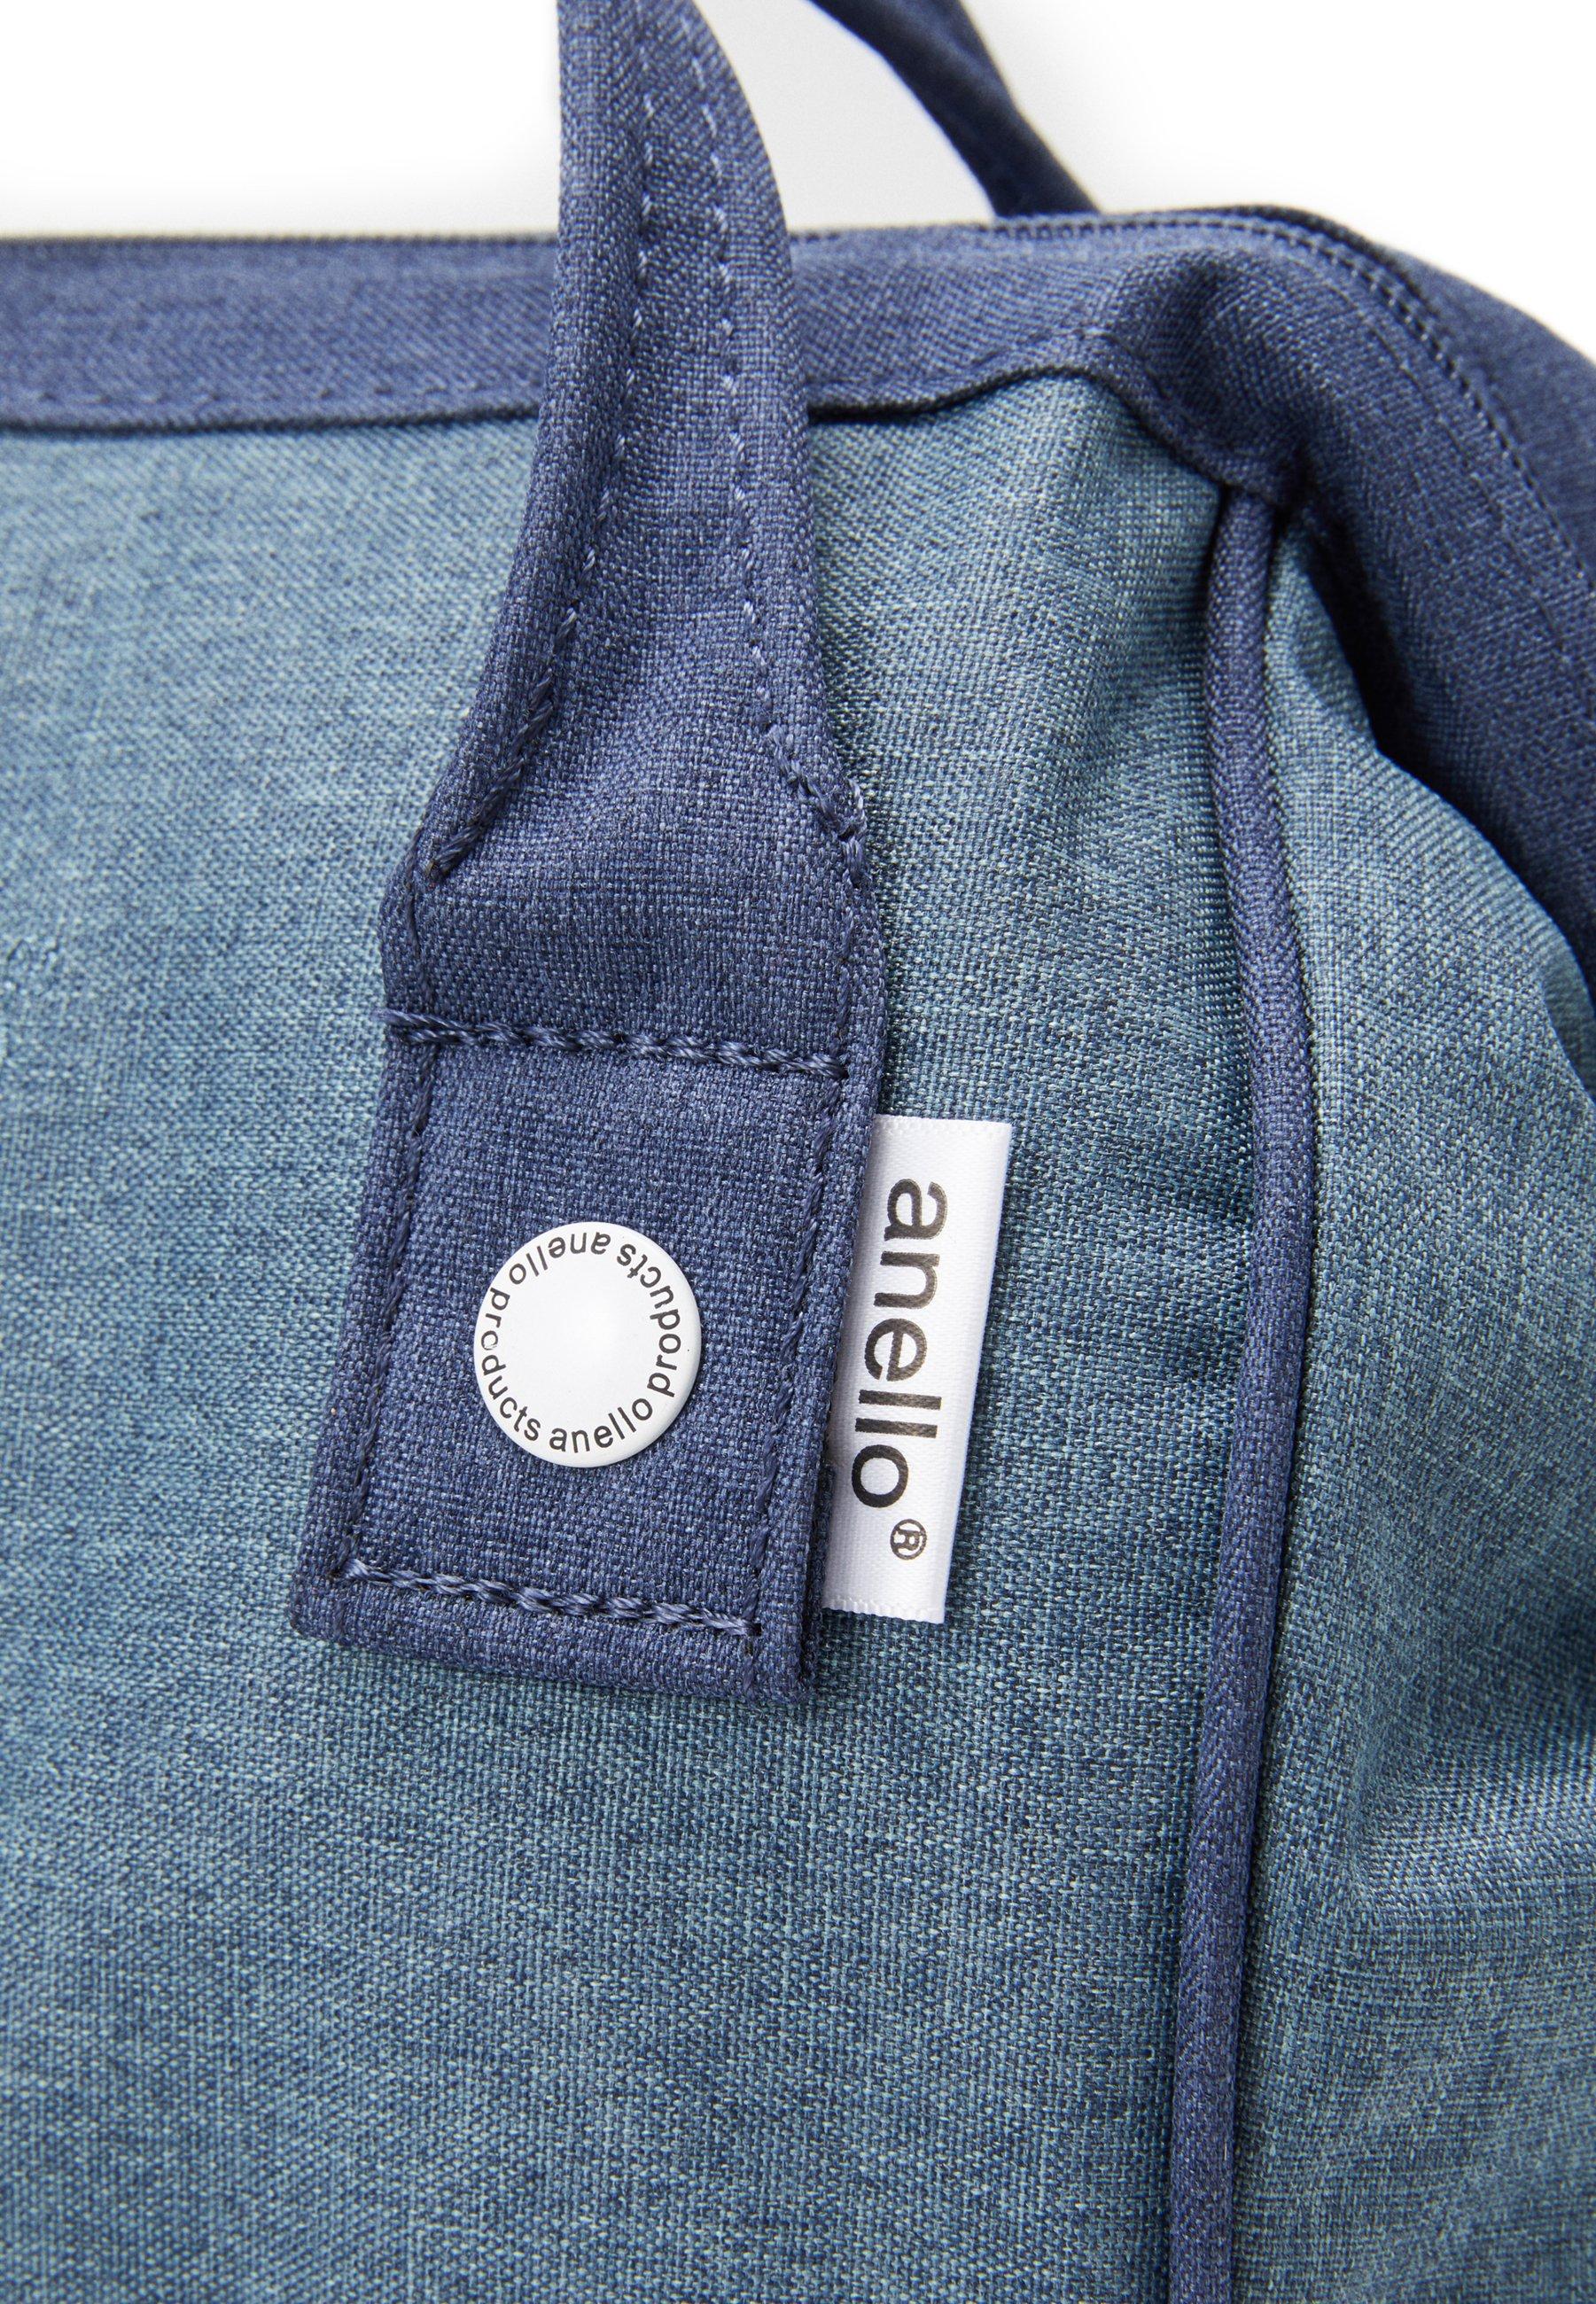 anello Ryggsekk - light-blue denim/lyseblå denim BCryrxb0hgLhBpi